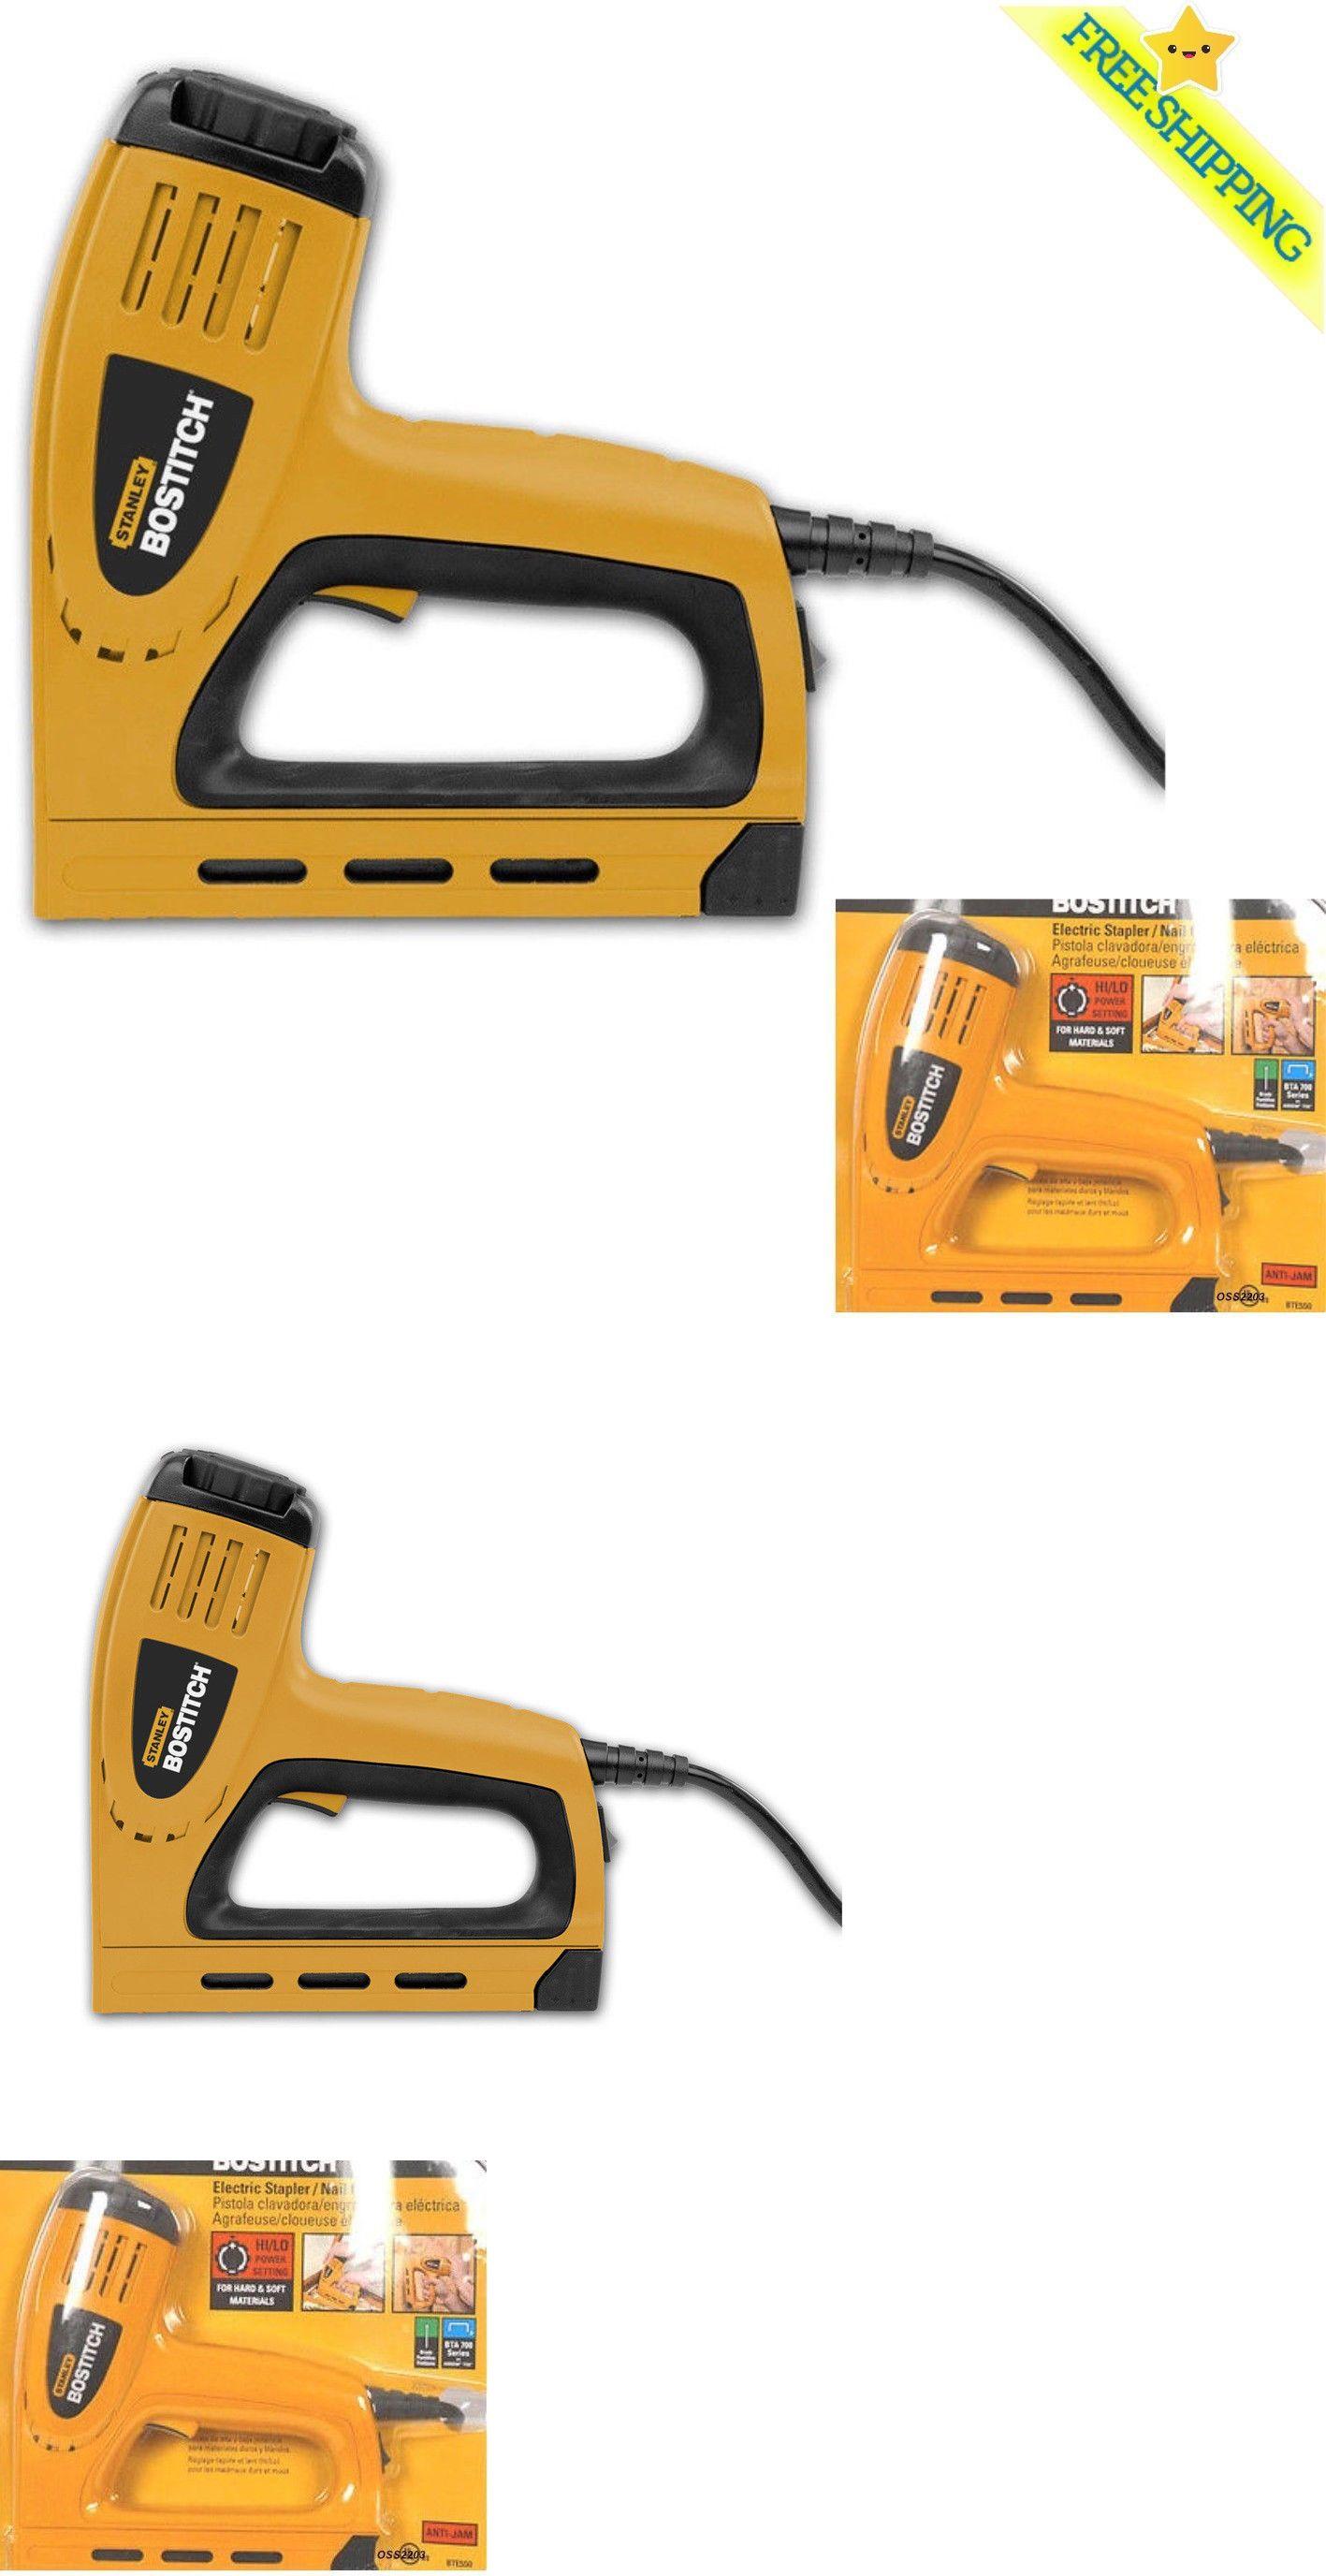 Pin On Nail And Staple Guns 122828